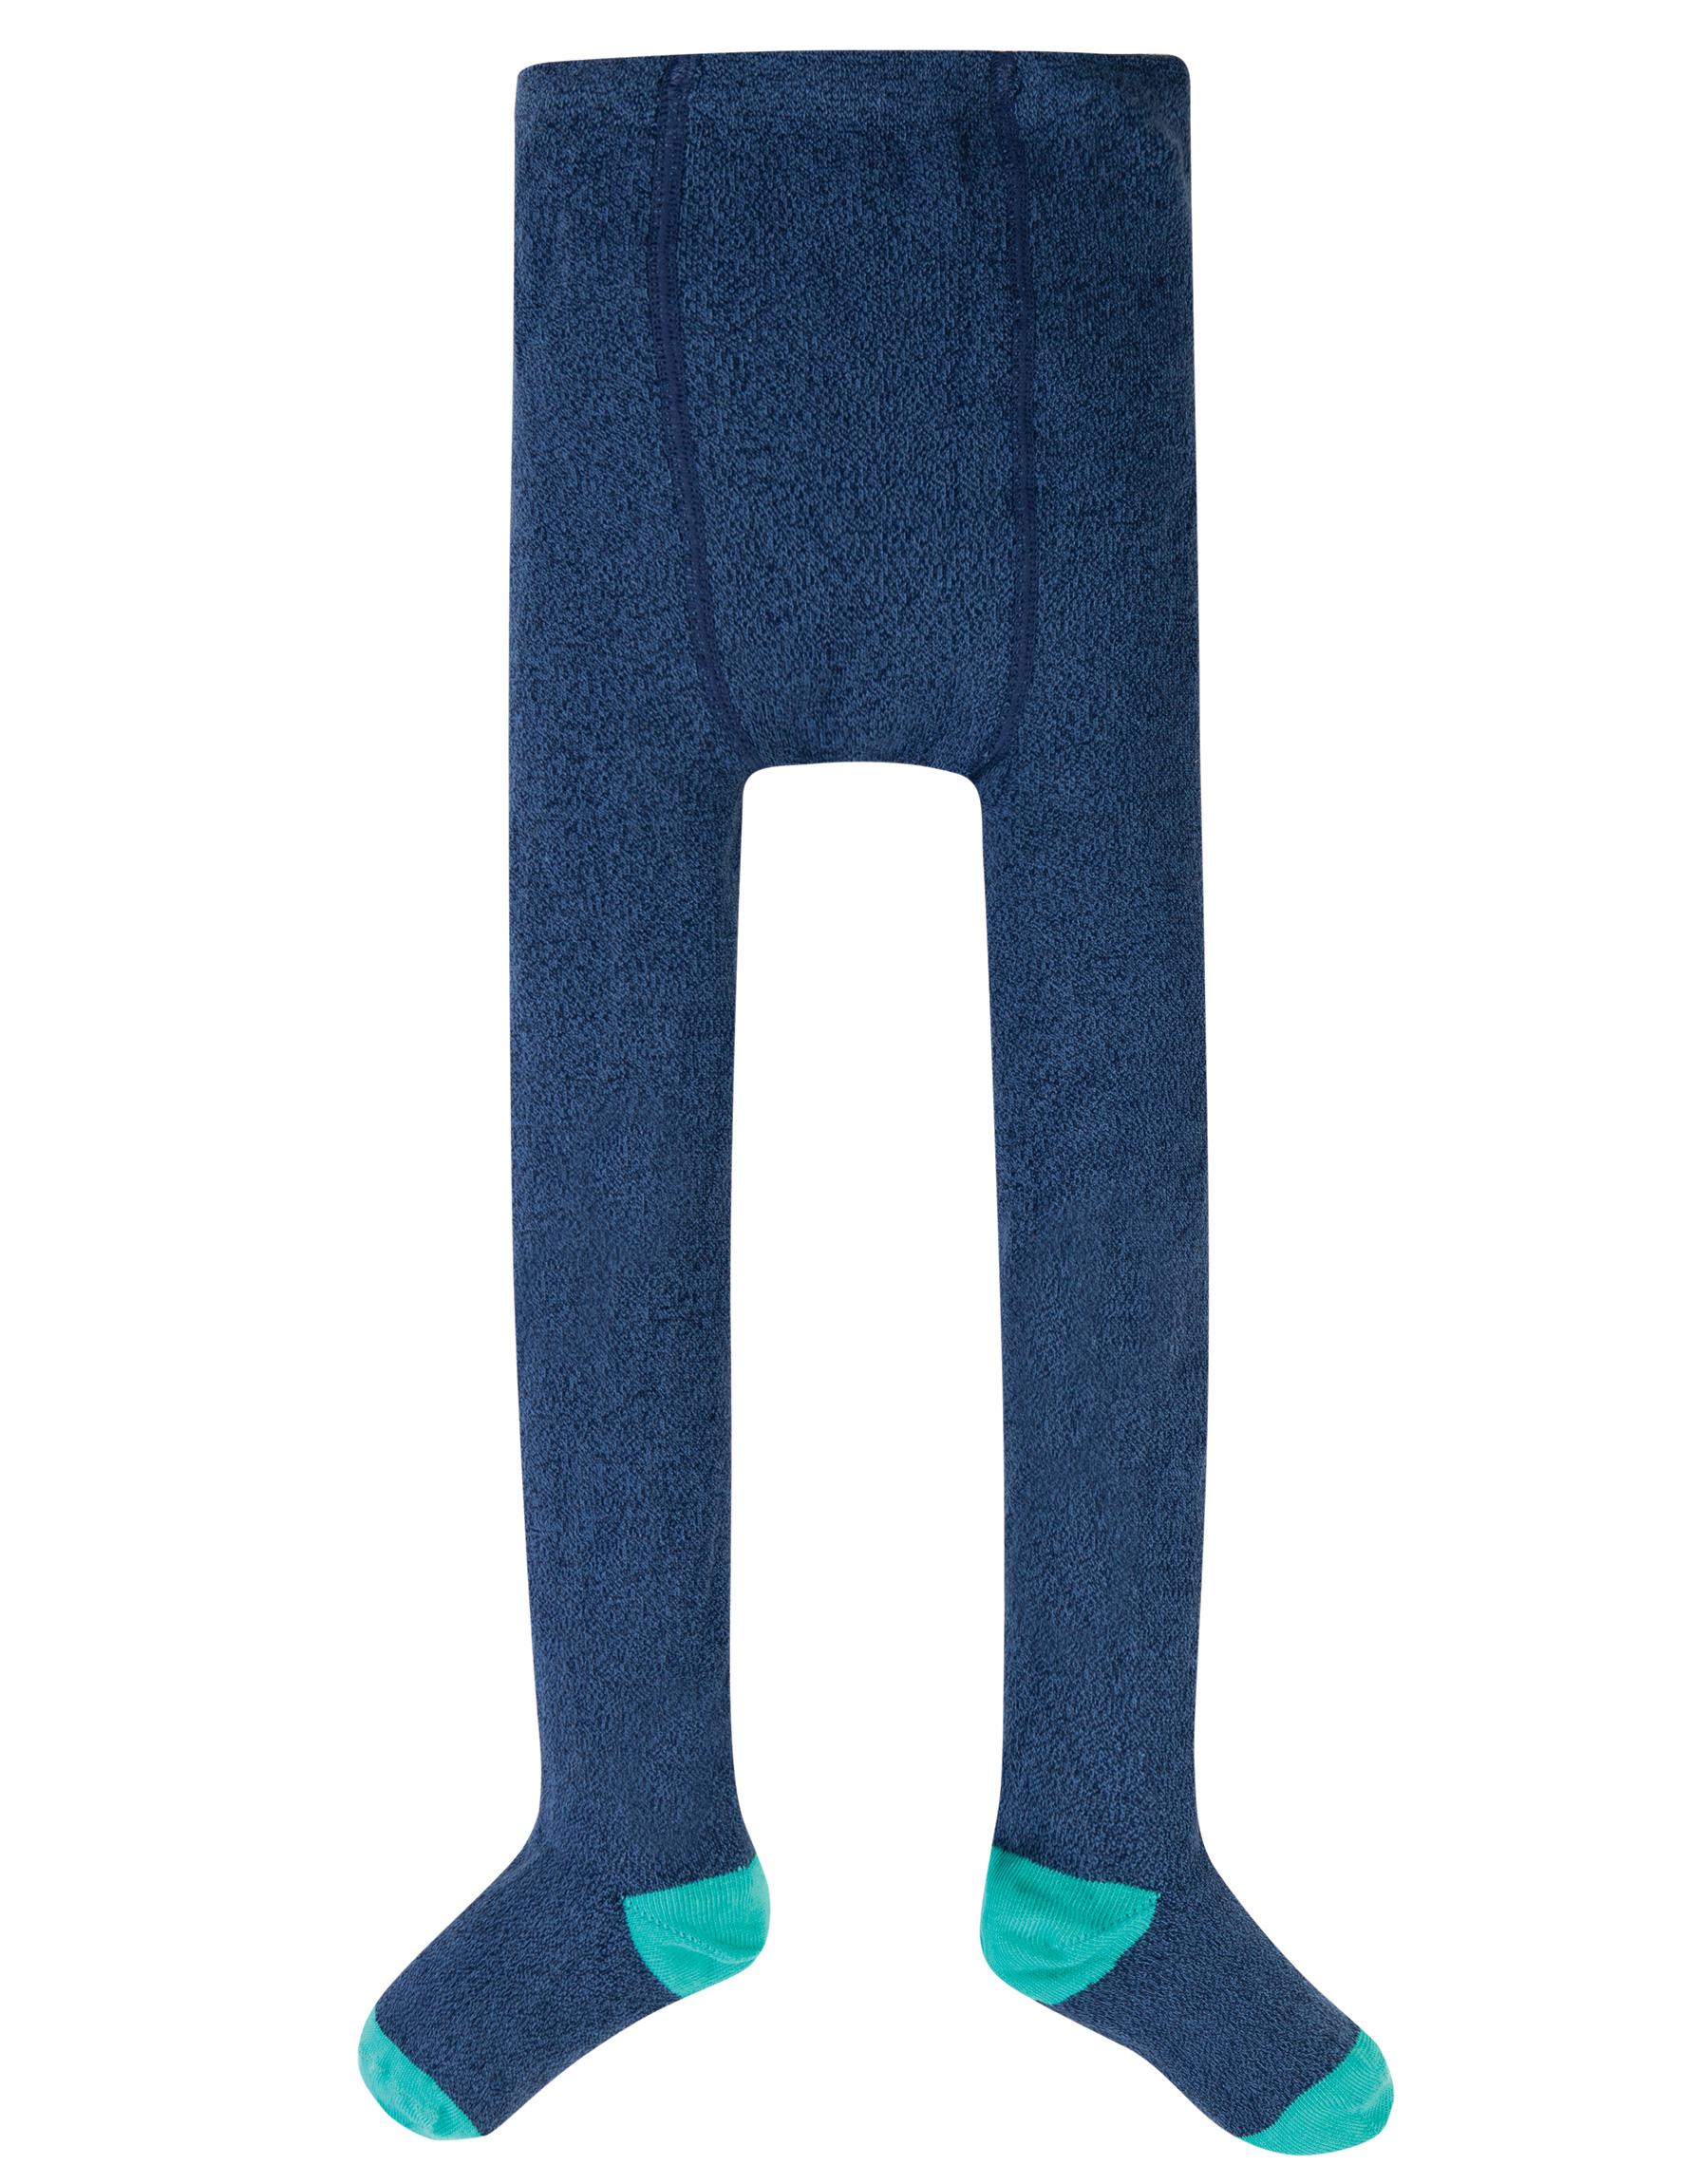 Frugi - Heather tights, Space blue nepp